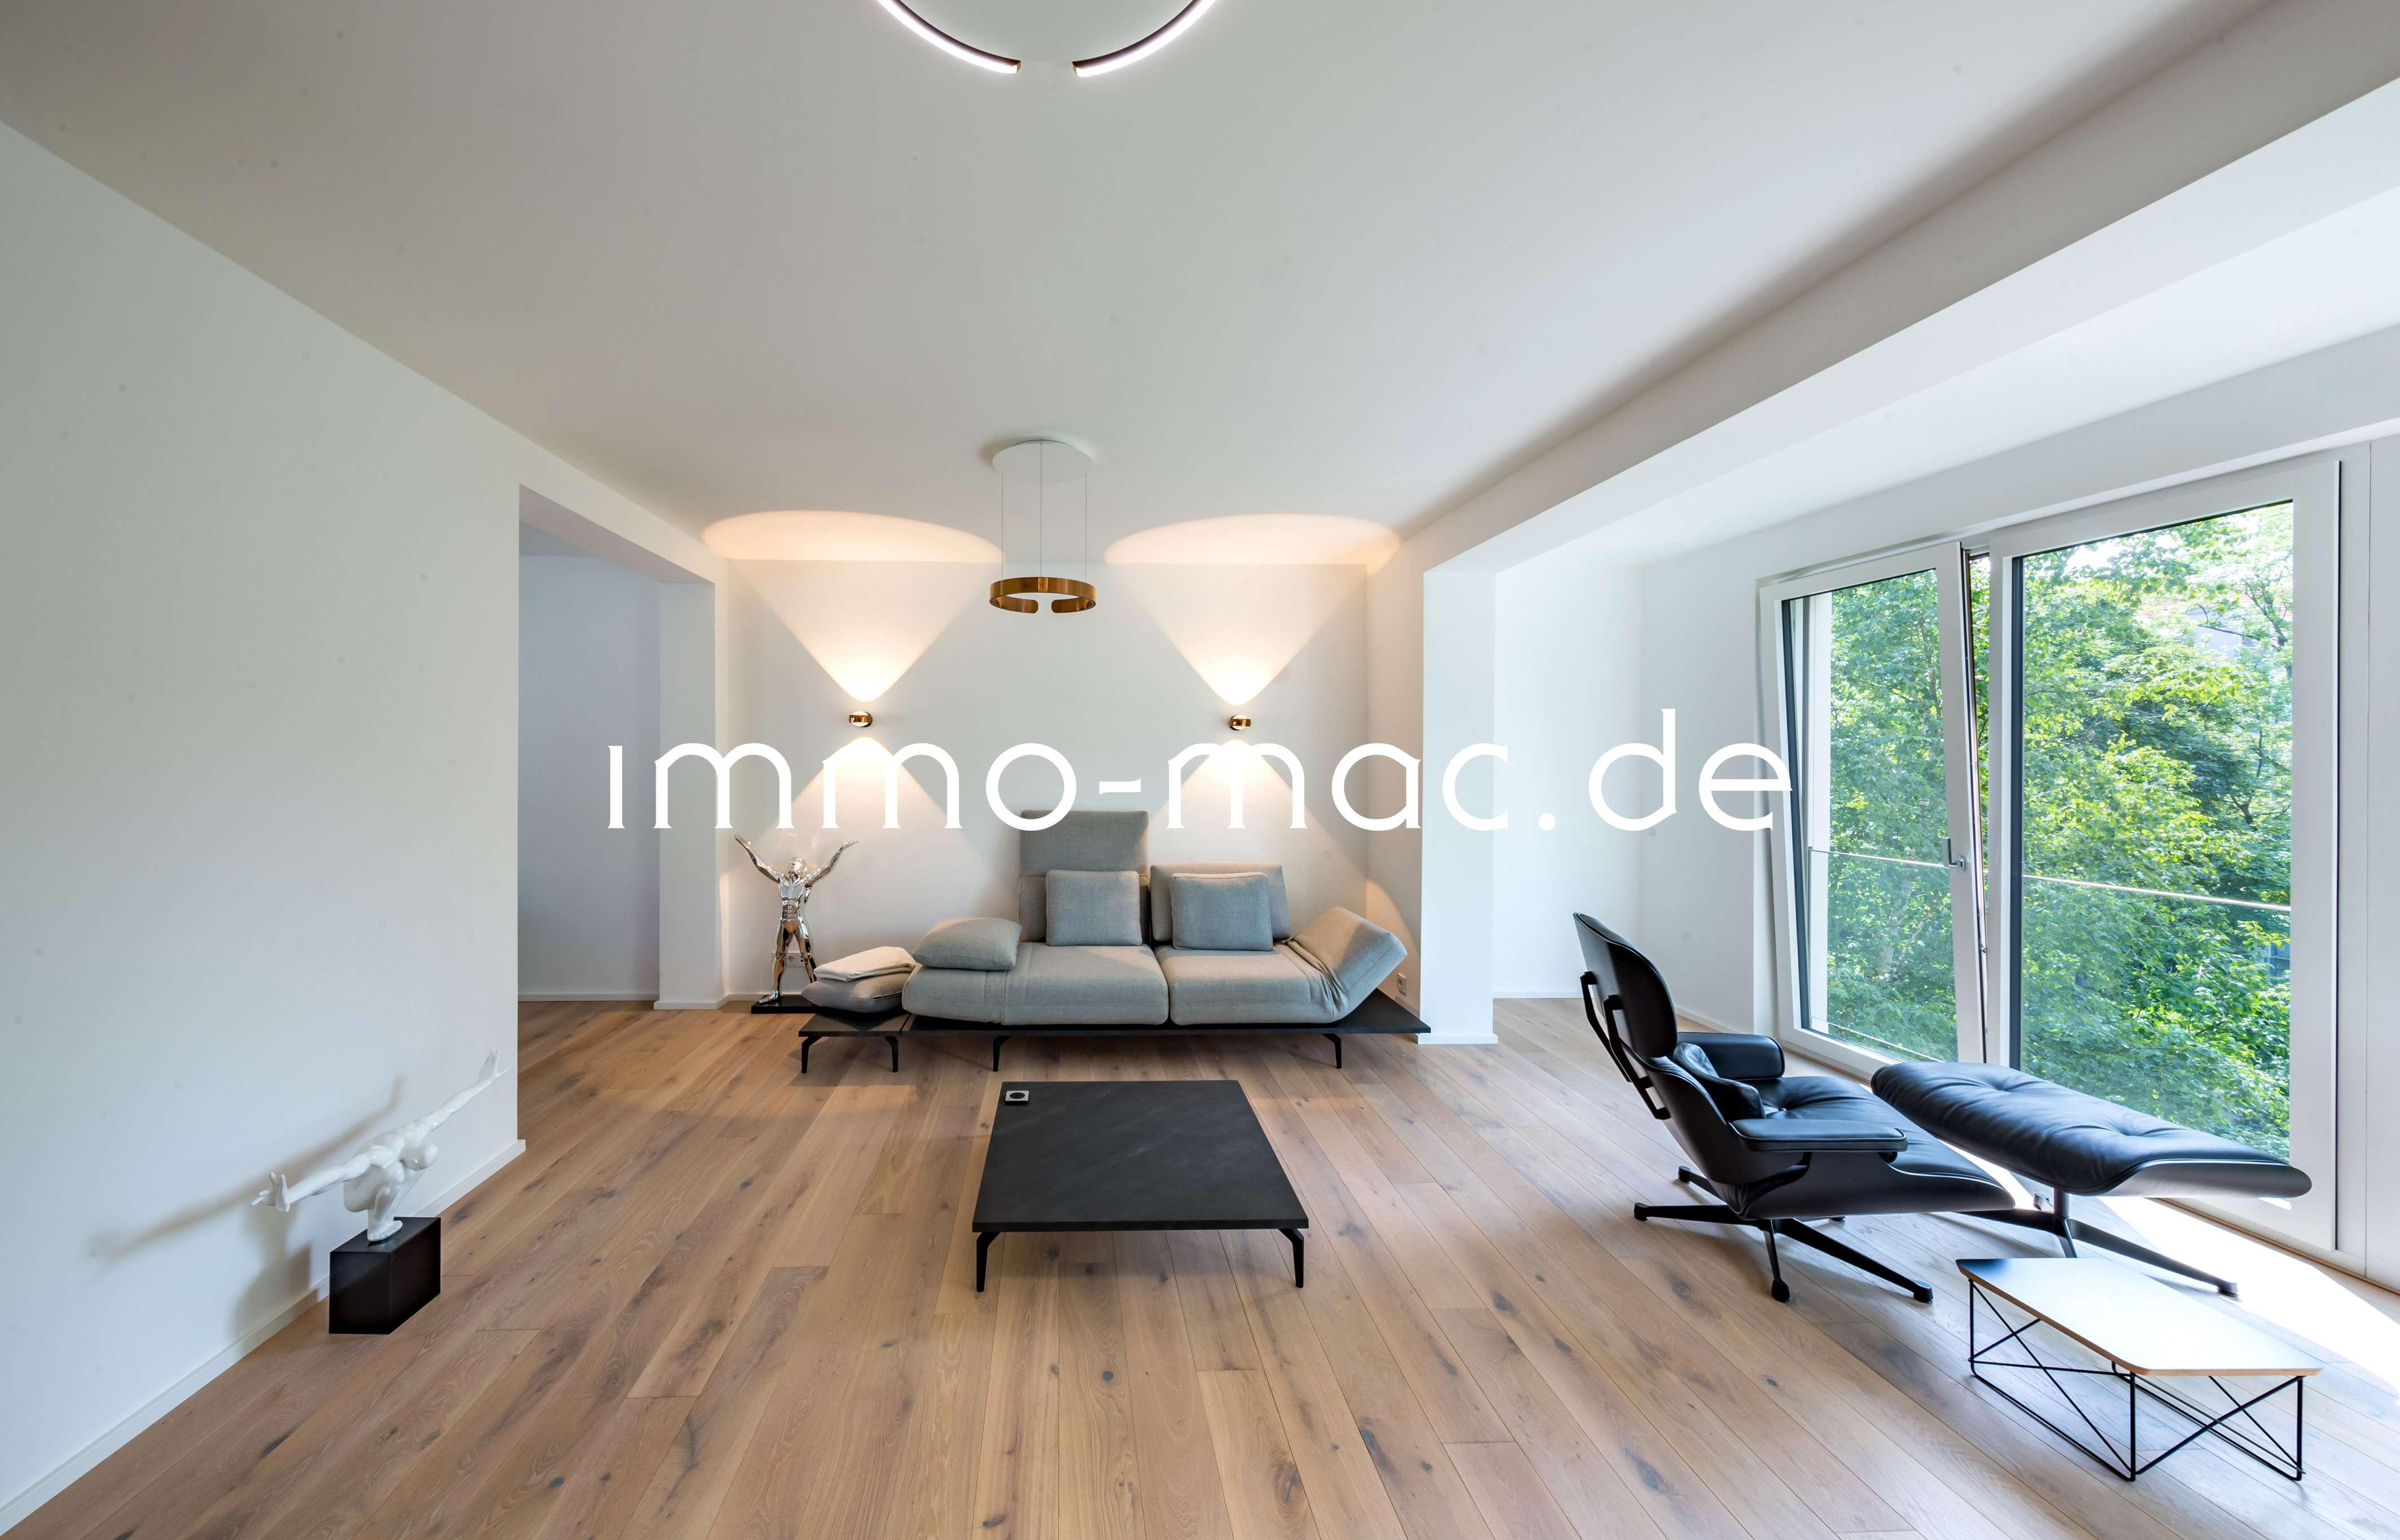 Exklusives Wohnen in ALT-BOGENHAUSEN! *Neu ausgebaute* 2-Zimmer Wohnung möbliert zu vermieten